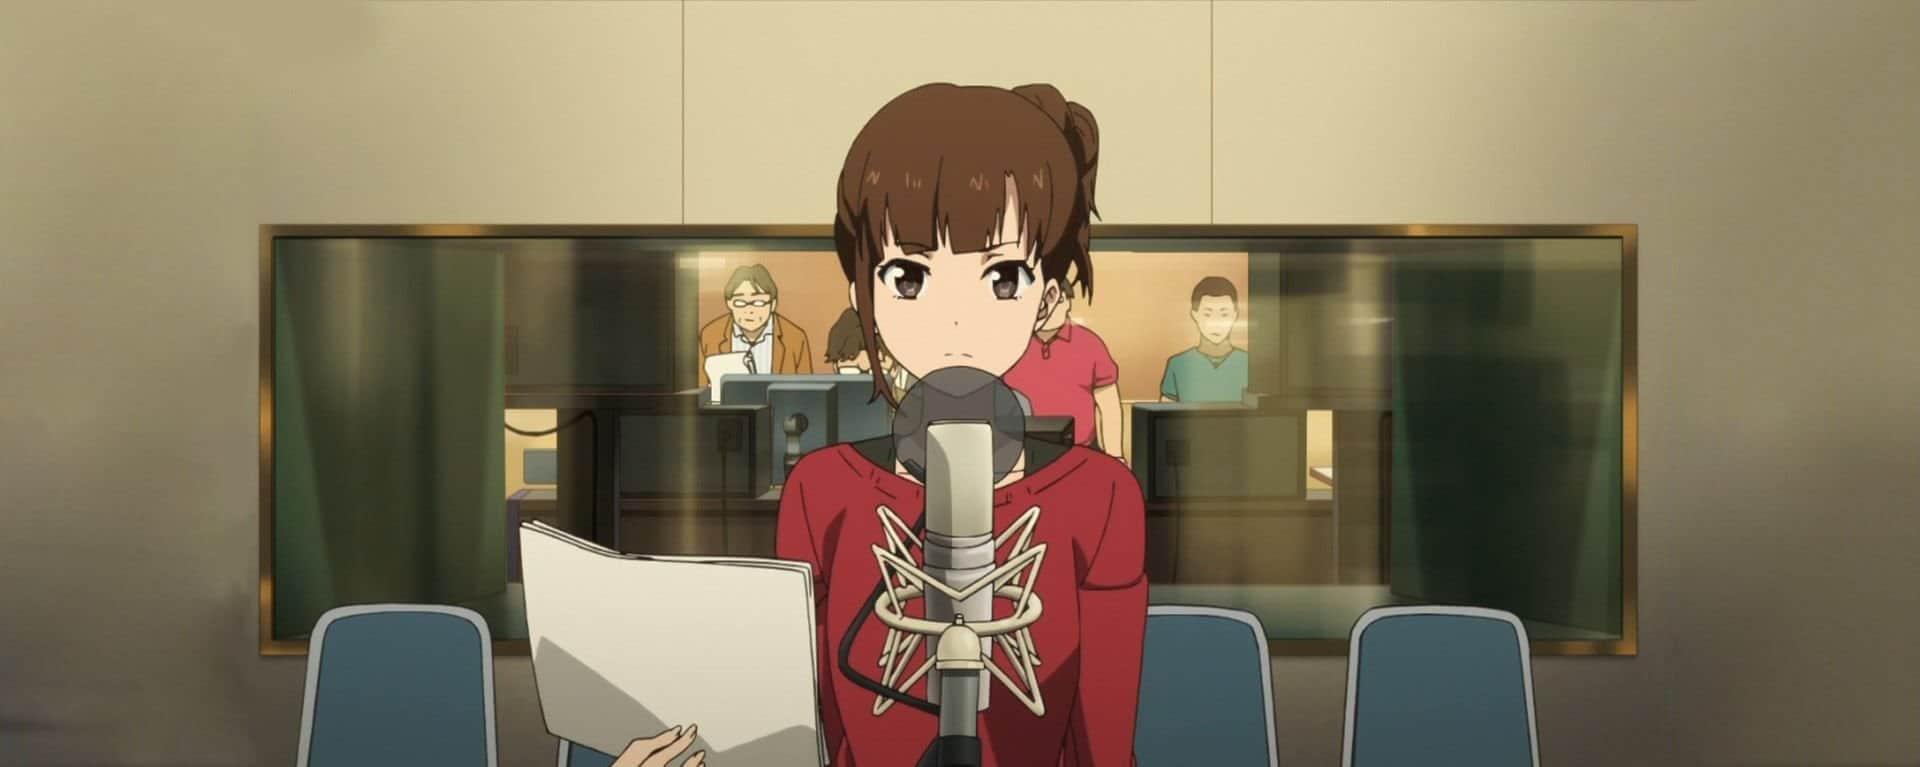 lista de animes dublados - personagem de shirobako fazendo um teste de dublagem em um estúdio